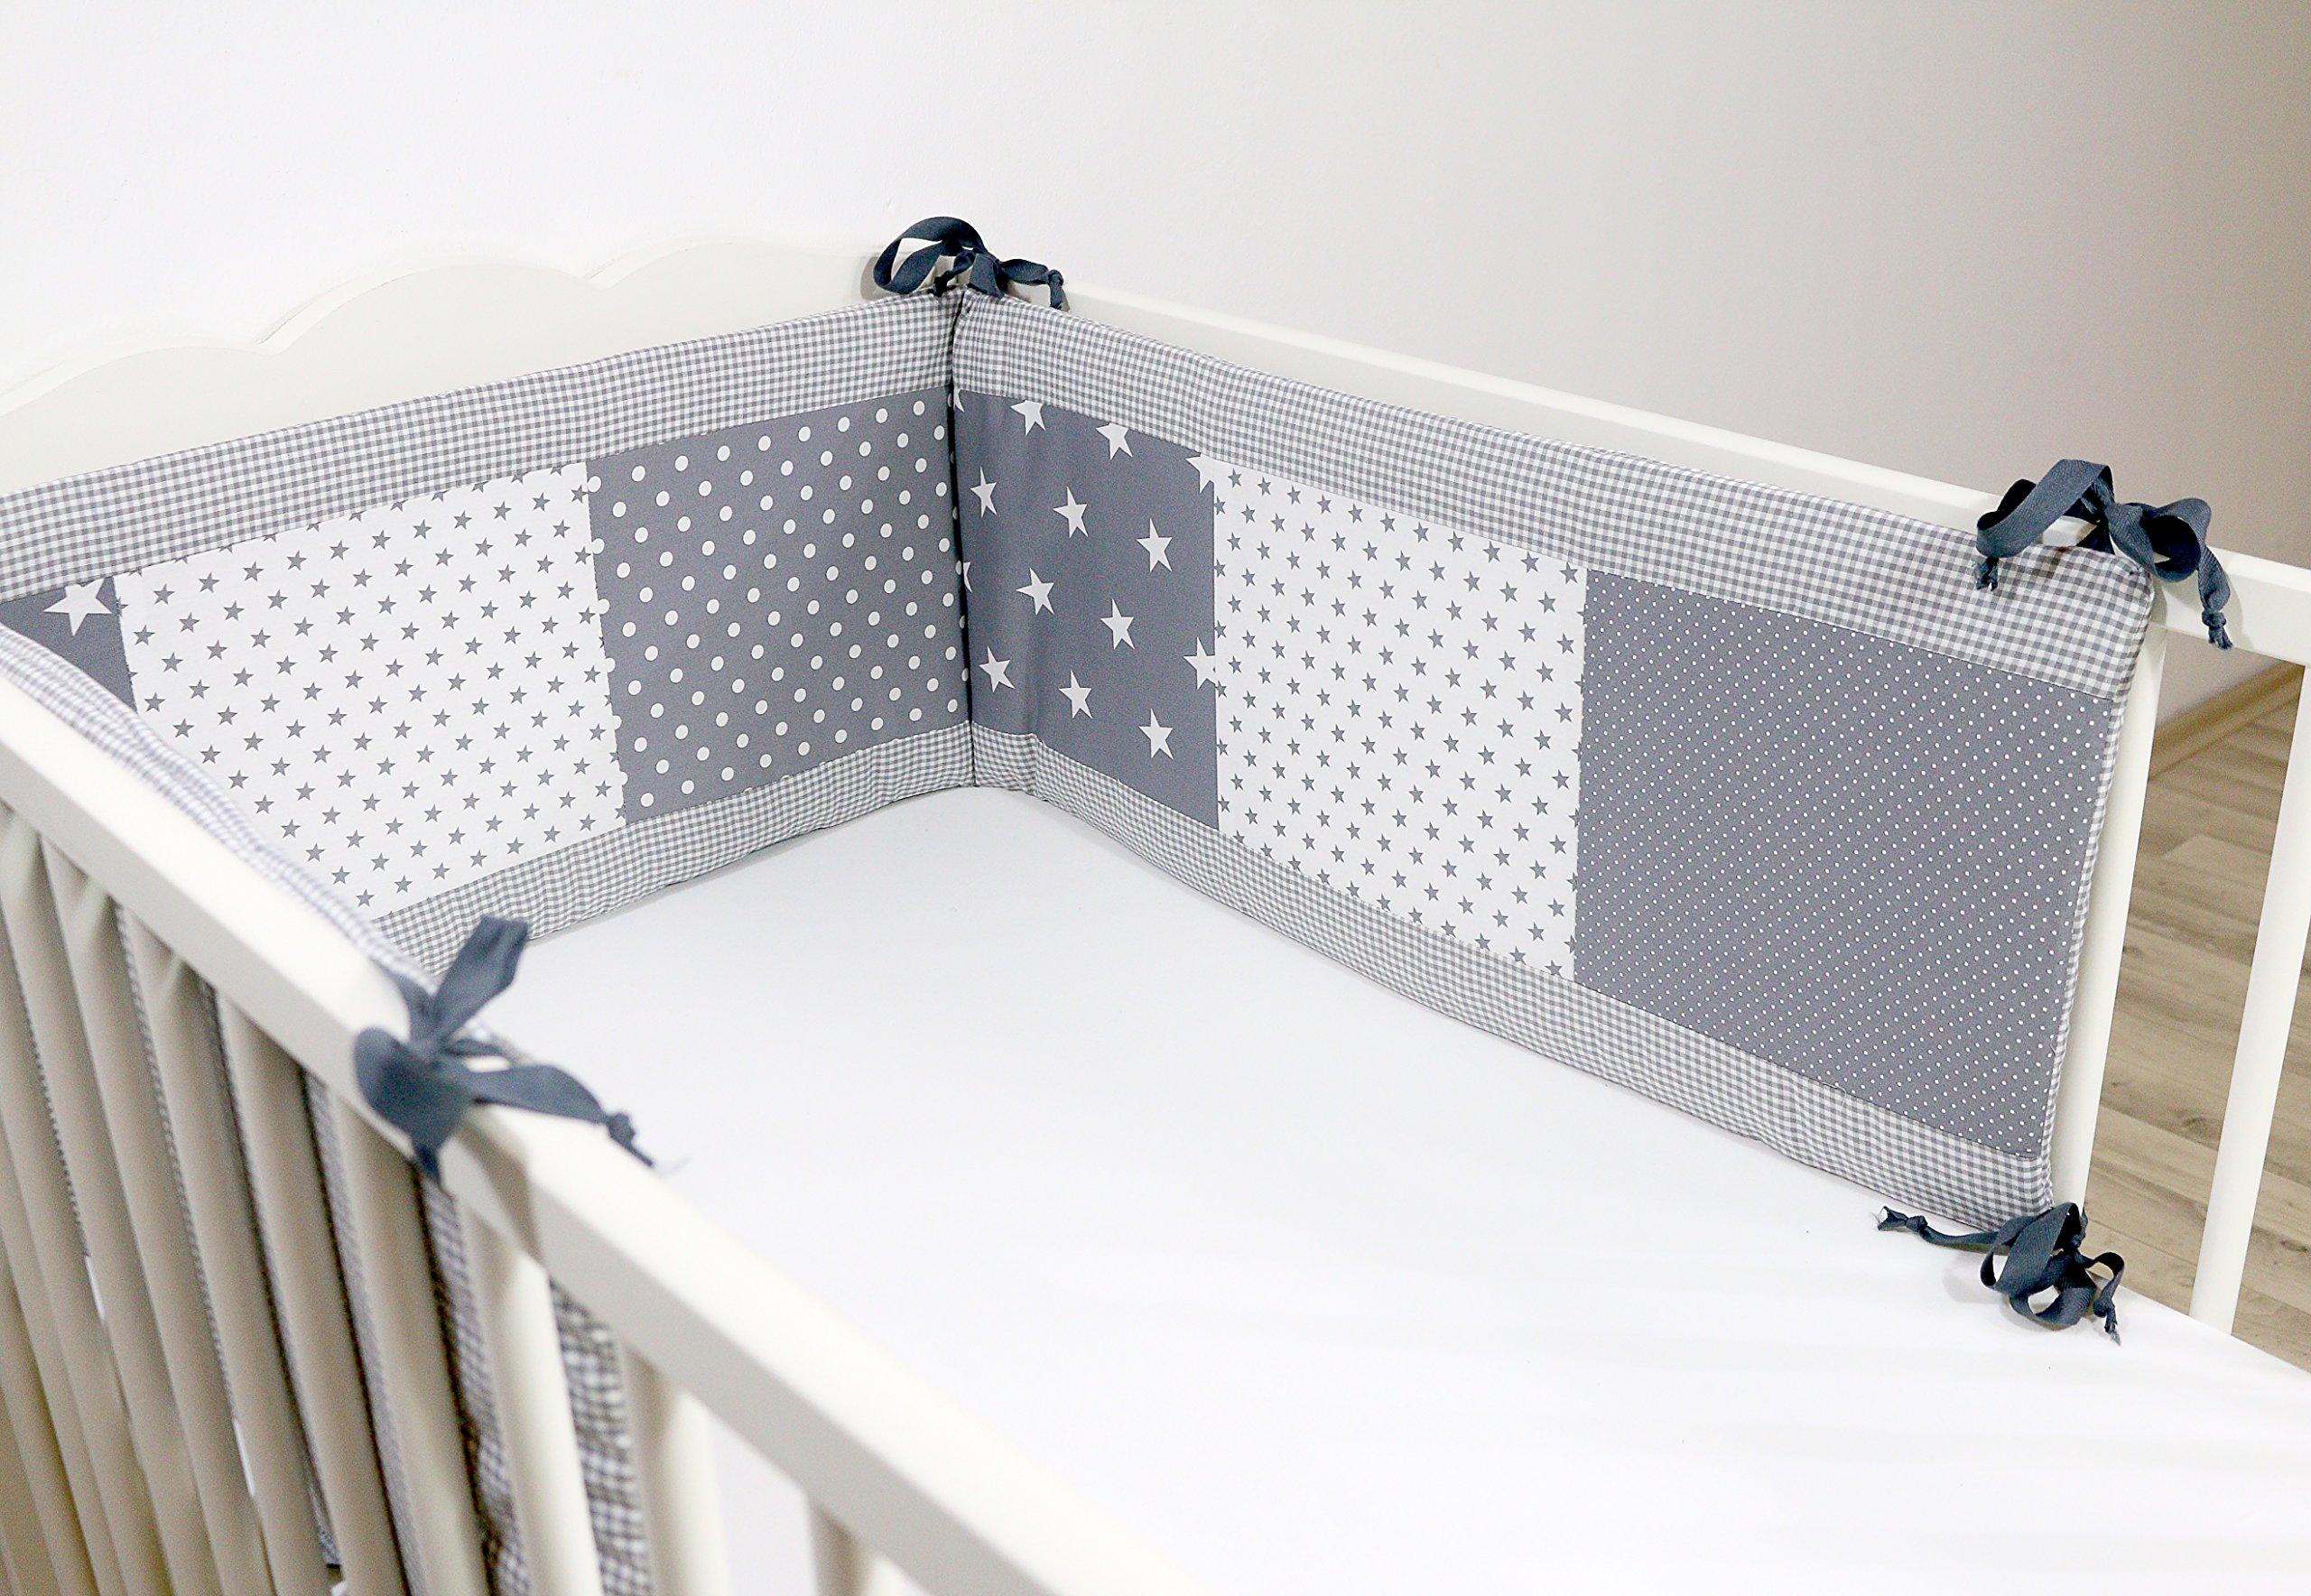 Stubenwagen Vorhang Montage : Am besten bewertete produkte in der kategorie zubehör für das